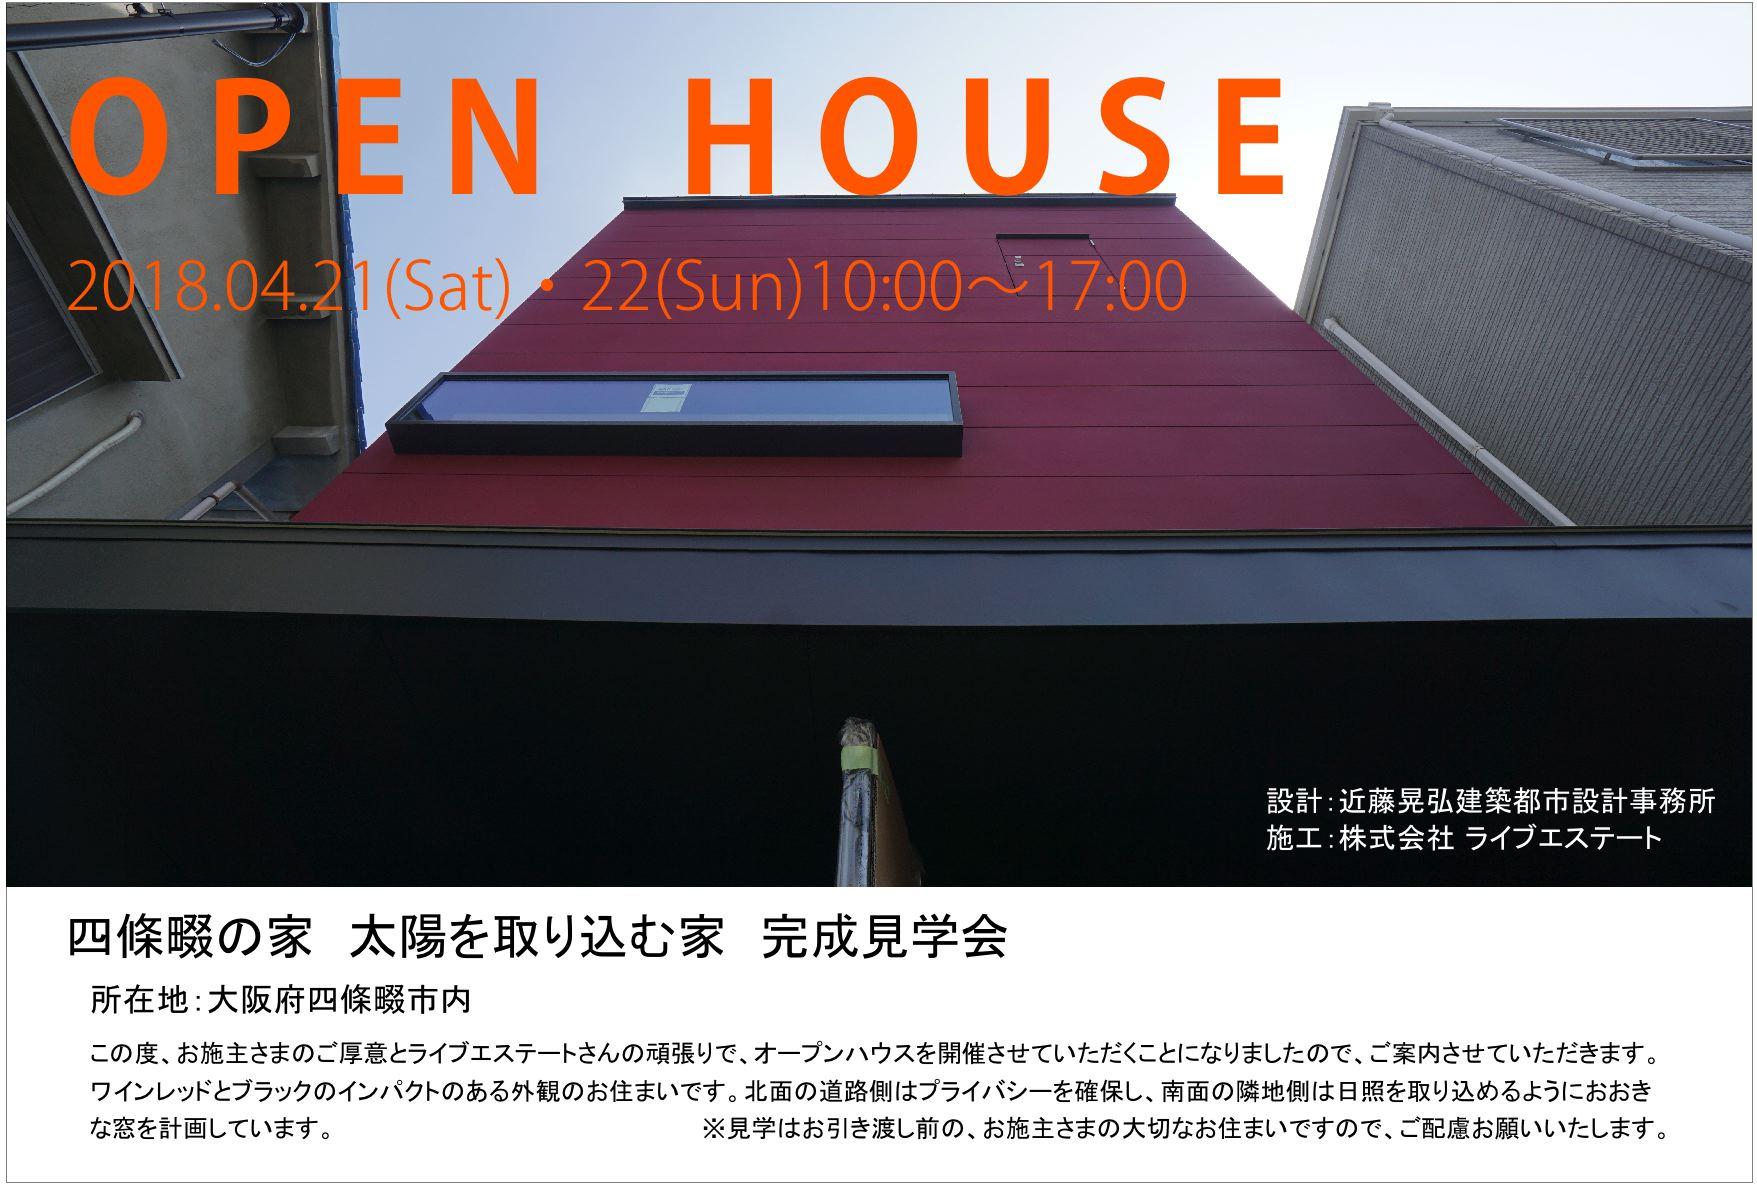 オープンハウス案内